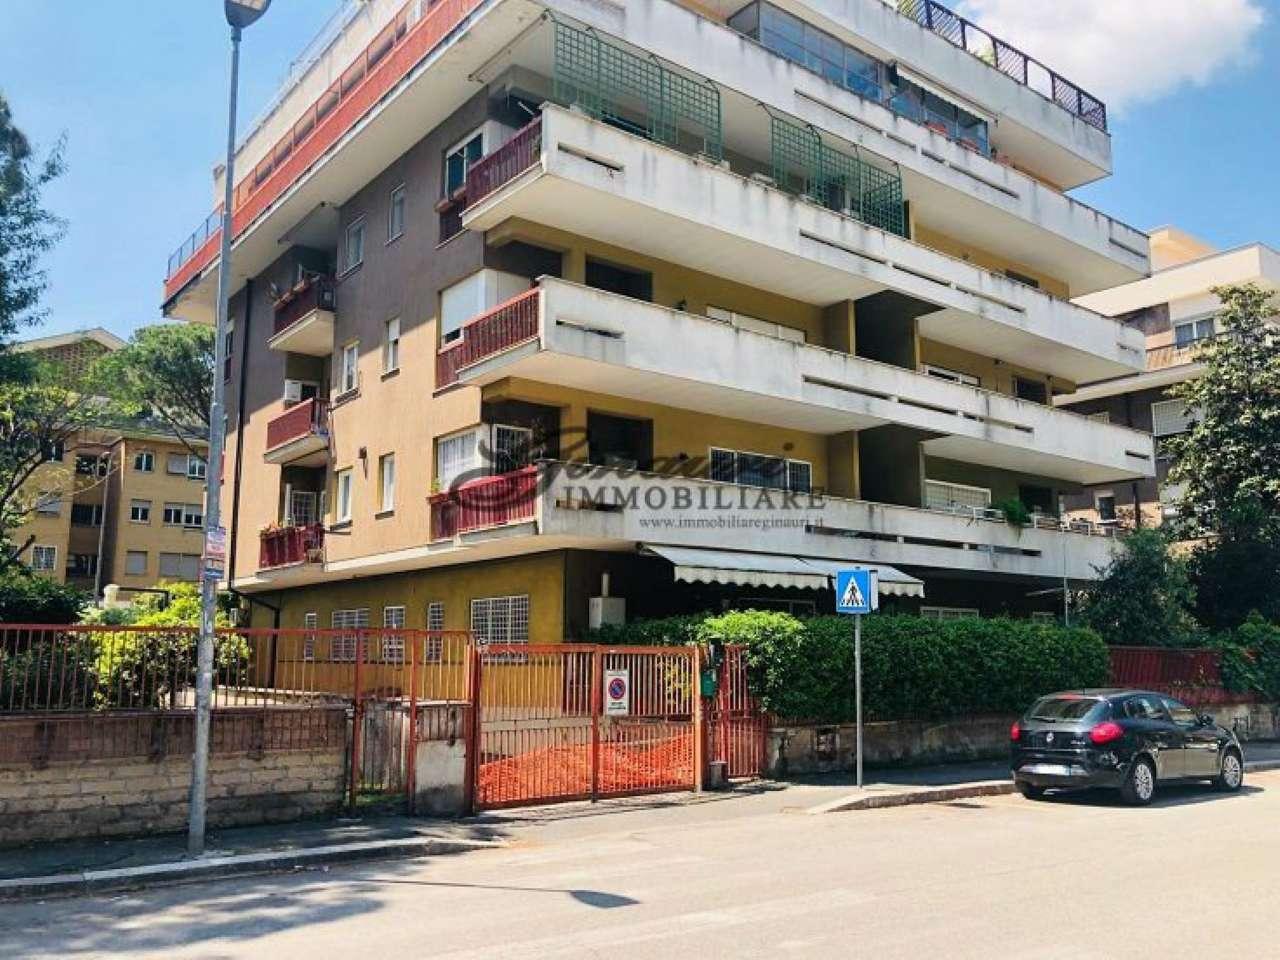 Appartamento in vendita a Guidonia Montecelio, 2 locali, prezzo € 45.000 | CambioCasa.it